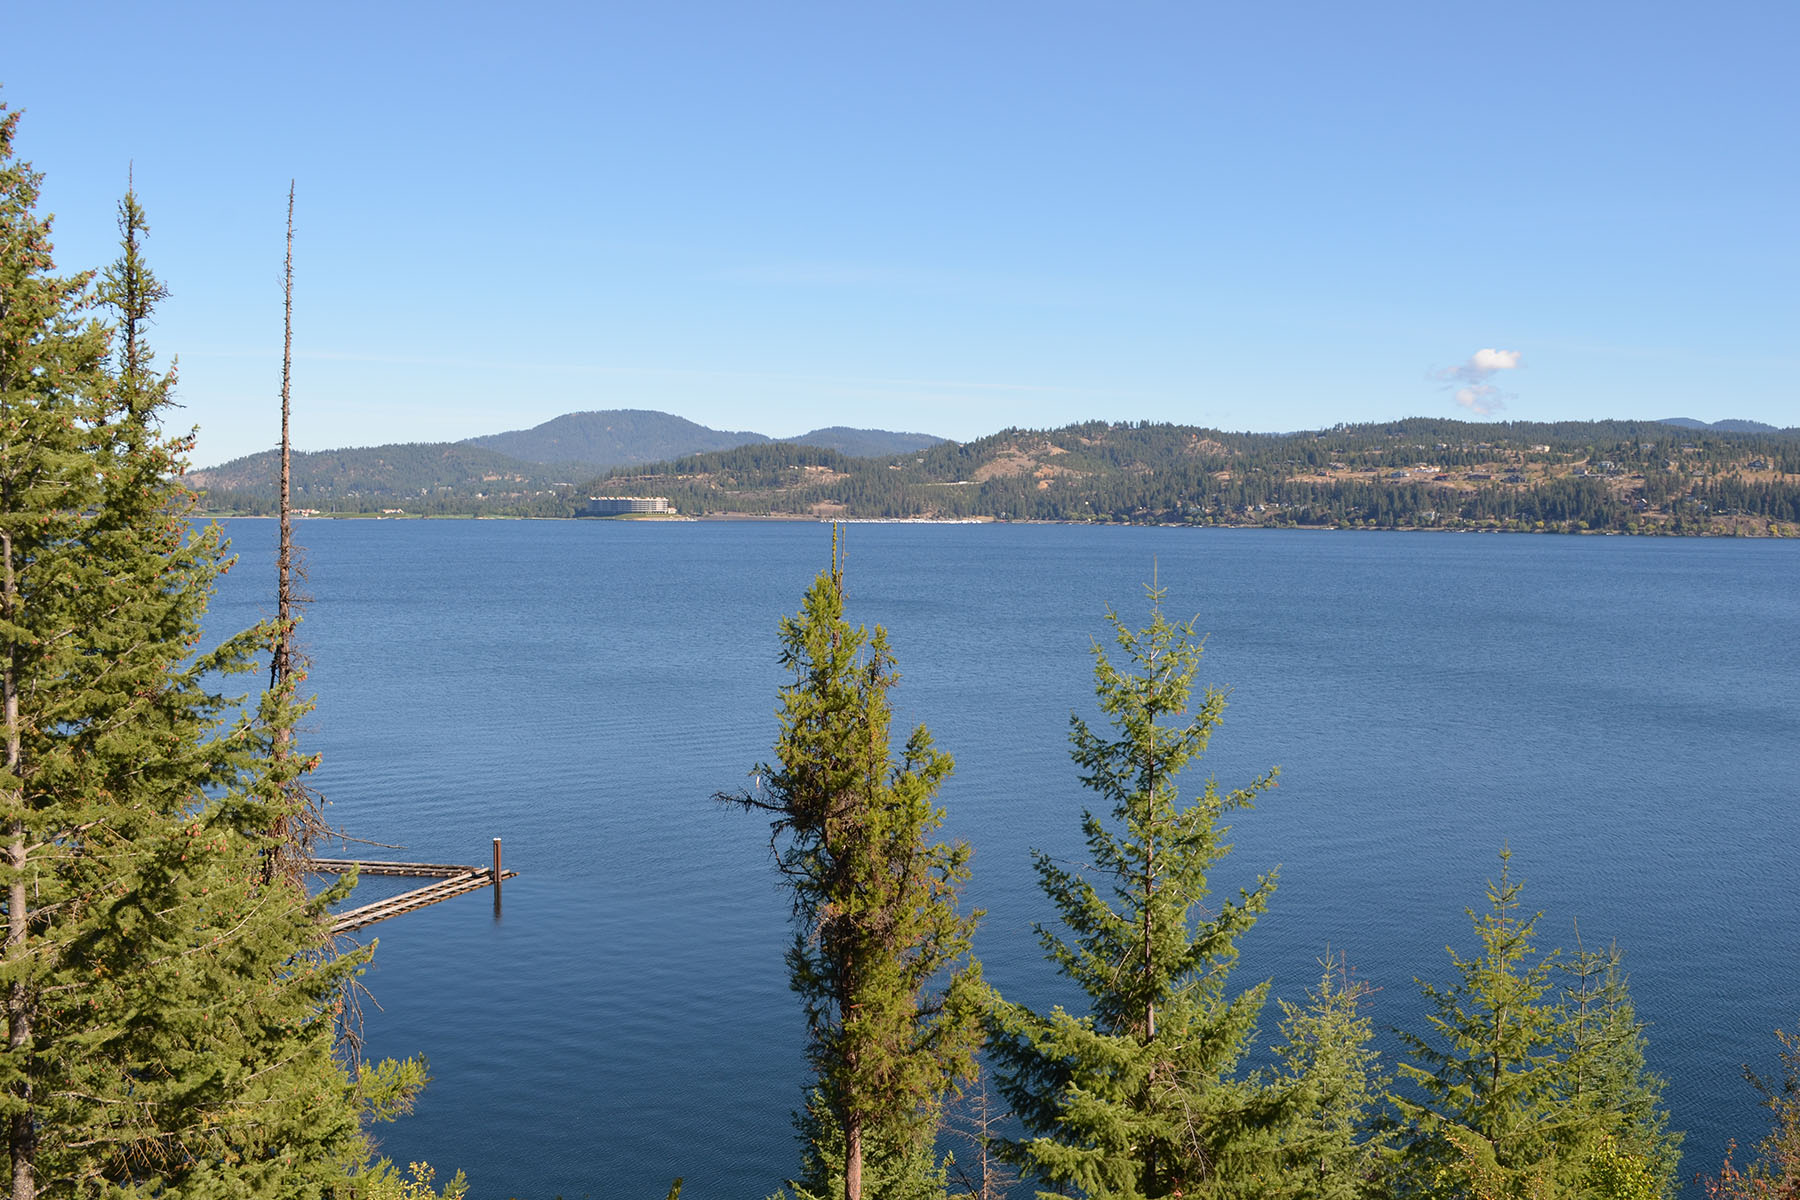 Đất đai vì Bán tại Resort View NNA Mockingbird Lp Harrison, Idaho, 83833 Hoa Kỳ